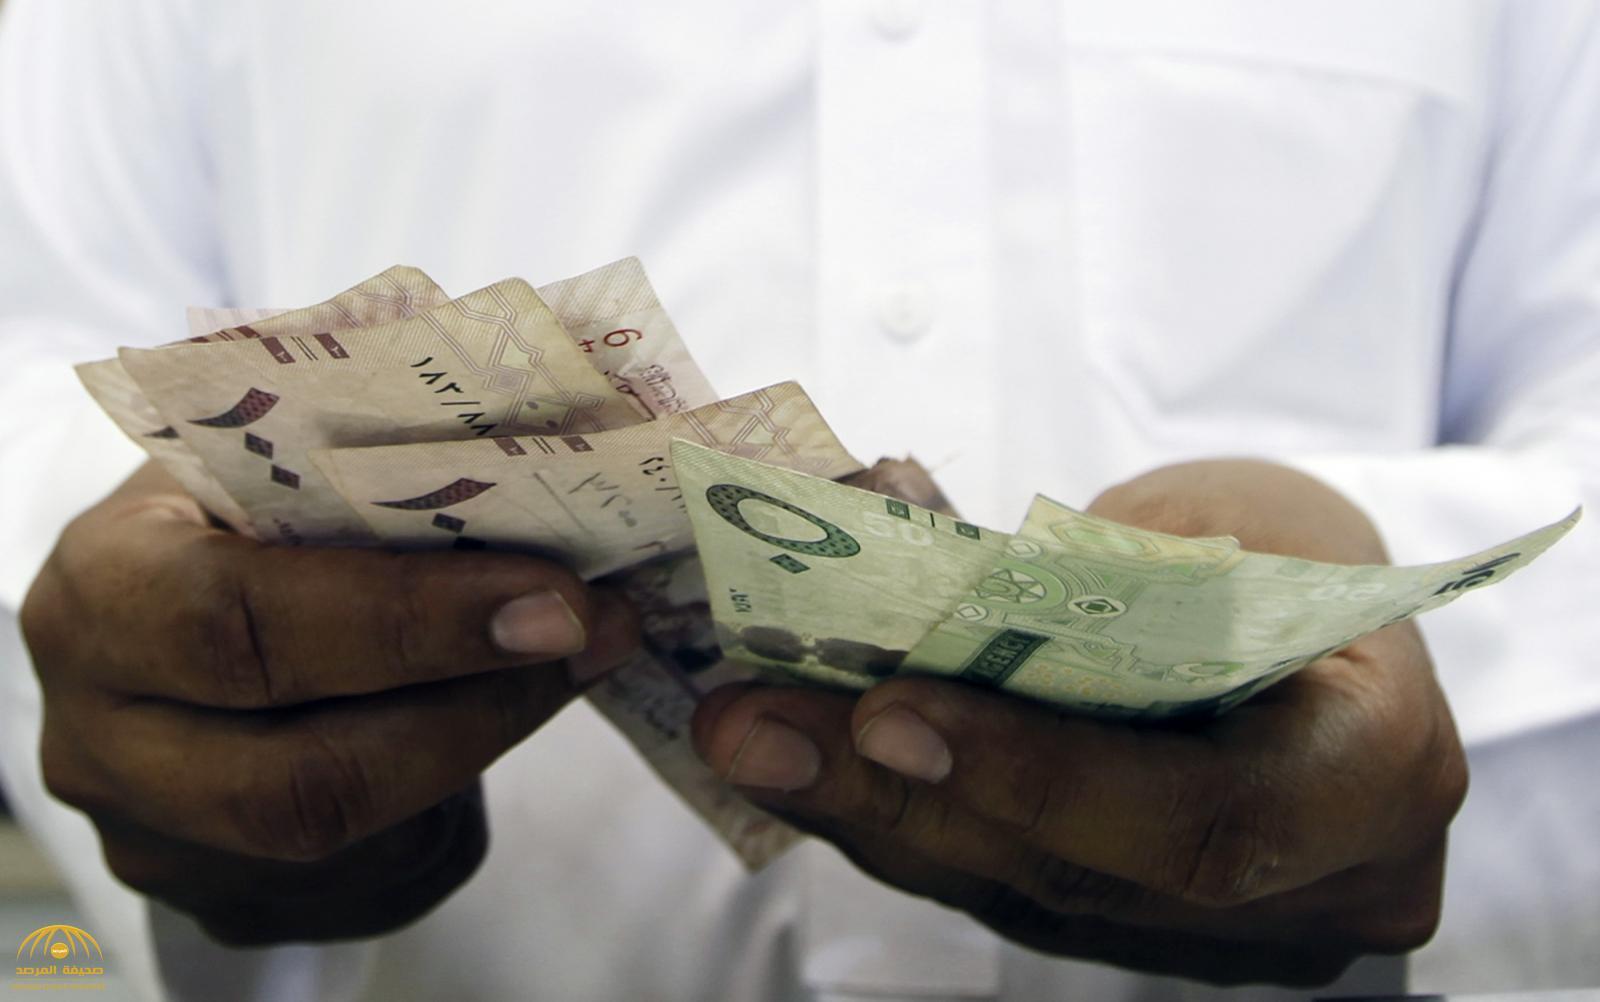 منح موظفي الجهات الحكومية 30 في المئة من إيراداتها الزائدة !